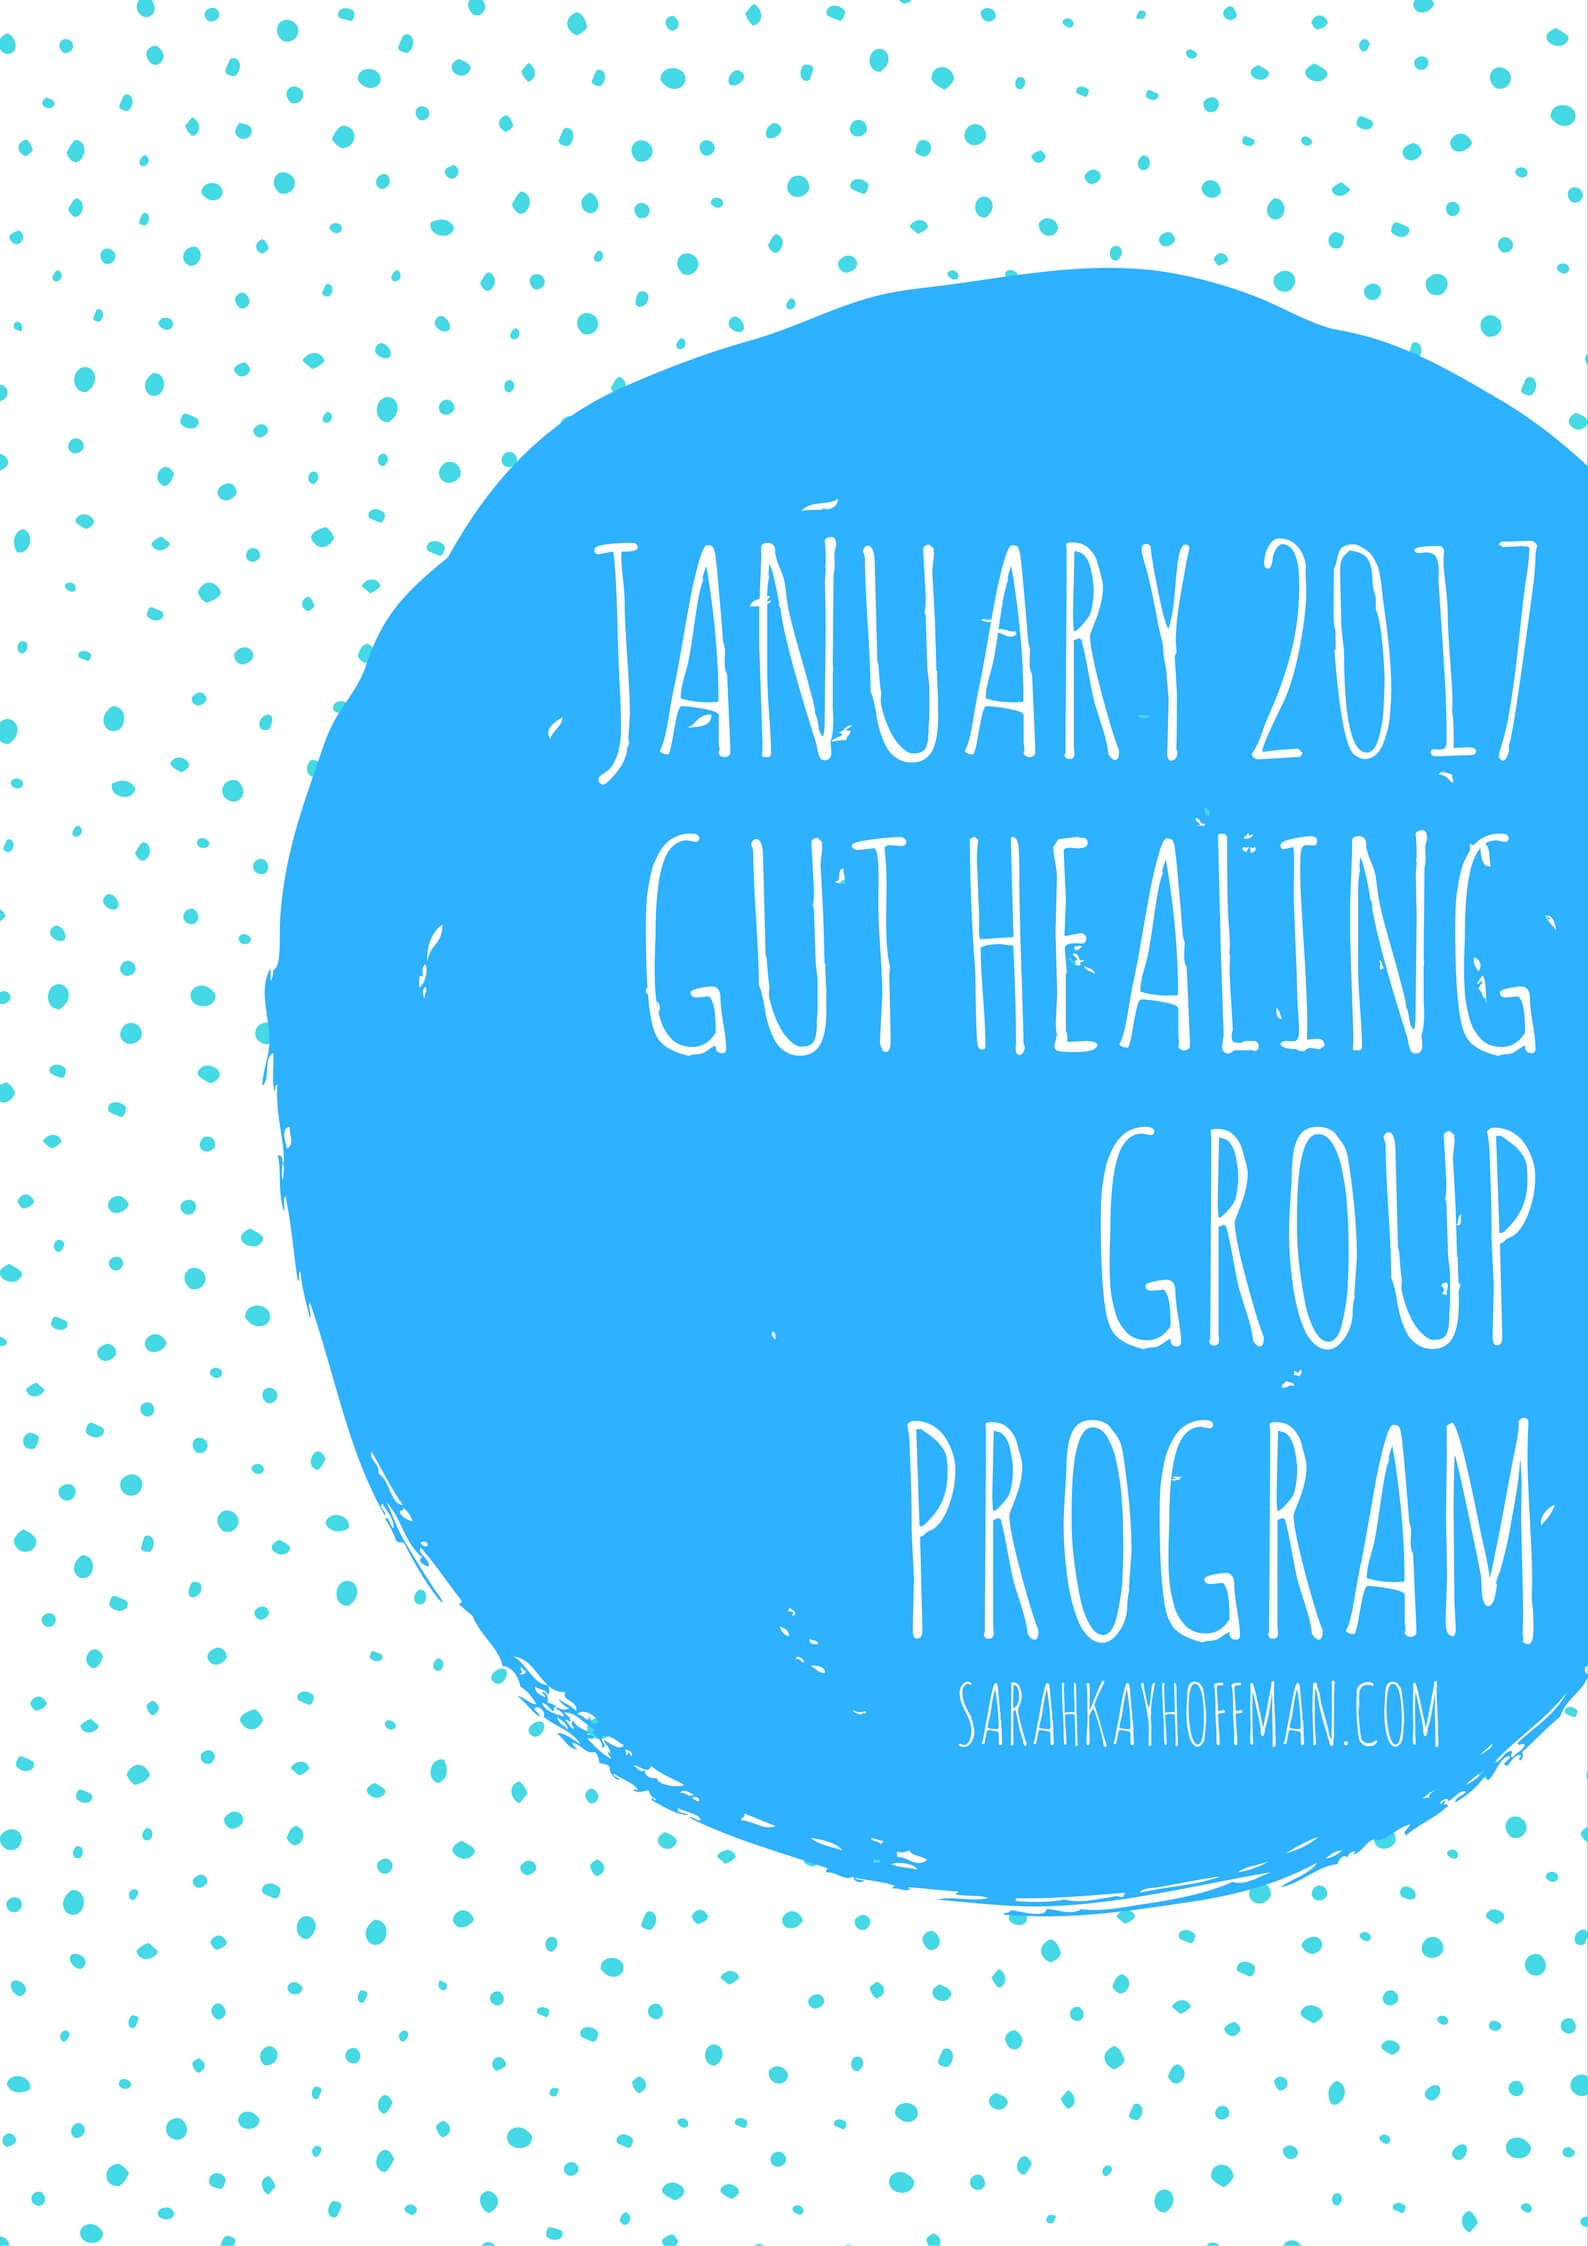 January 2017 Gut Healing Group Program sarahkayhoffman.com